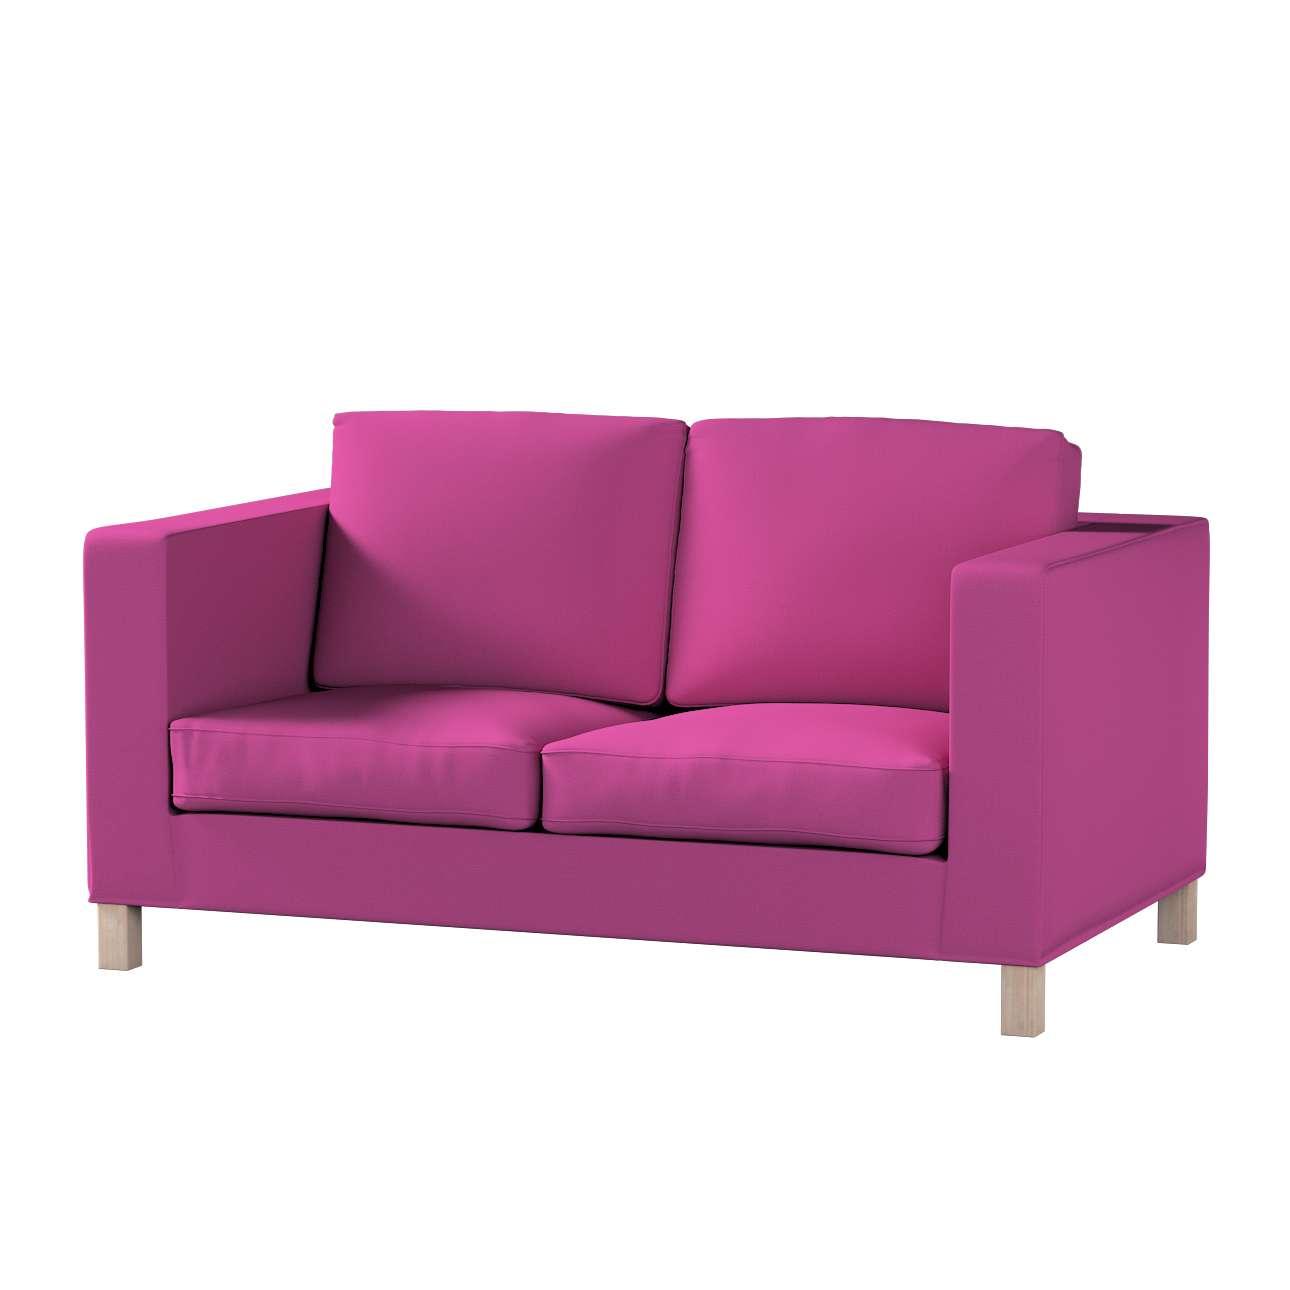 Karlanda klädsel<br>2-sits soffa - kort klädsel i kollektionen Etna, Tyg: 705-23